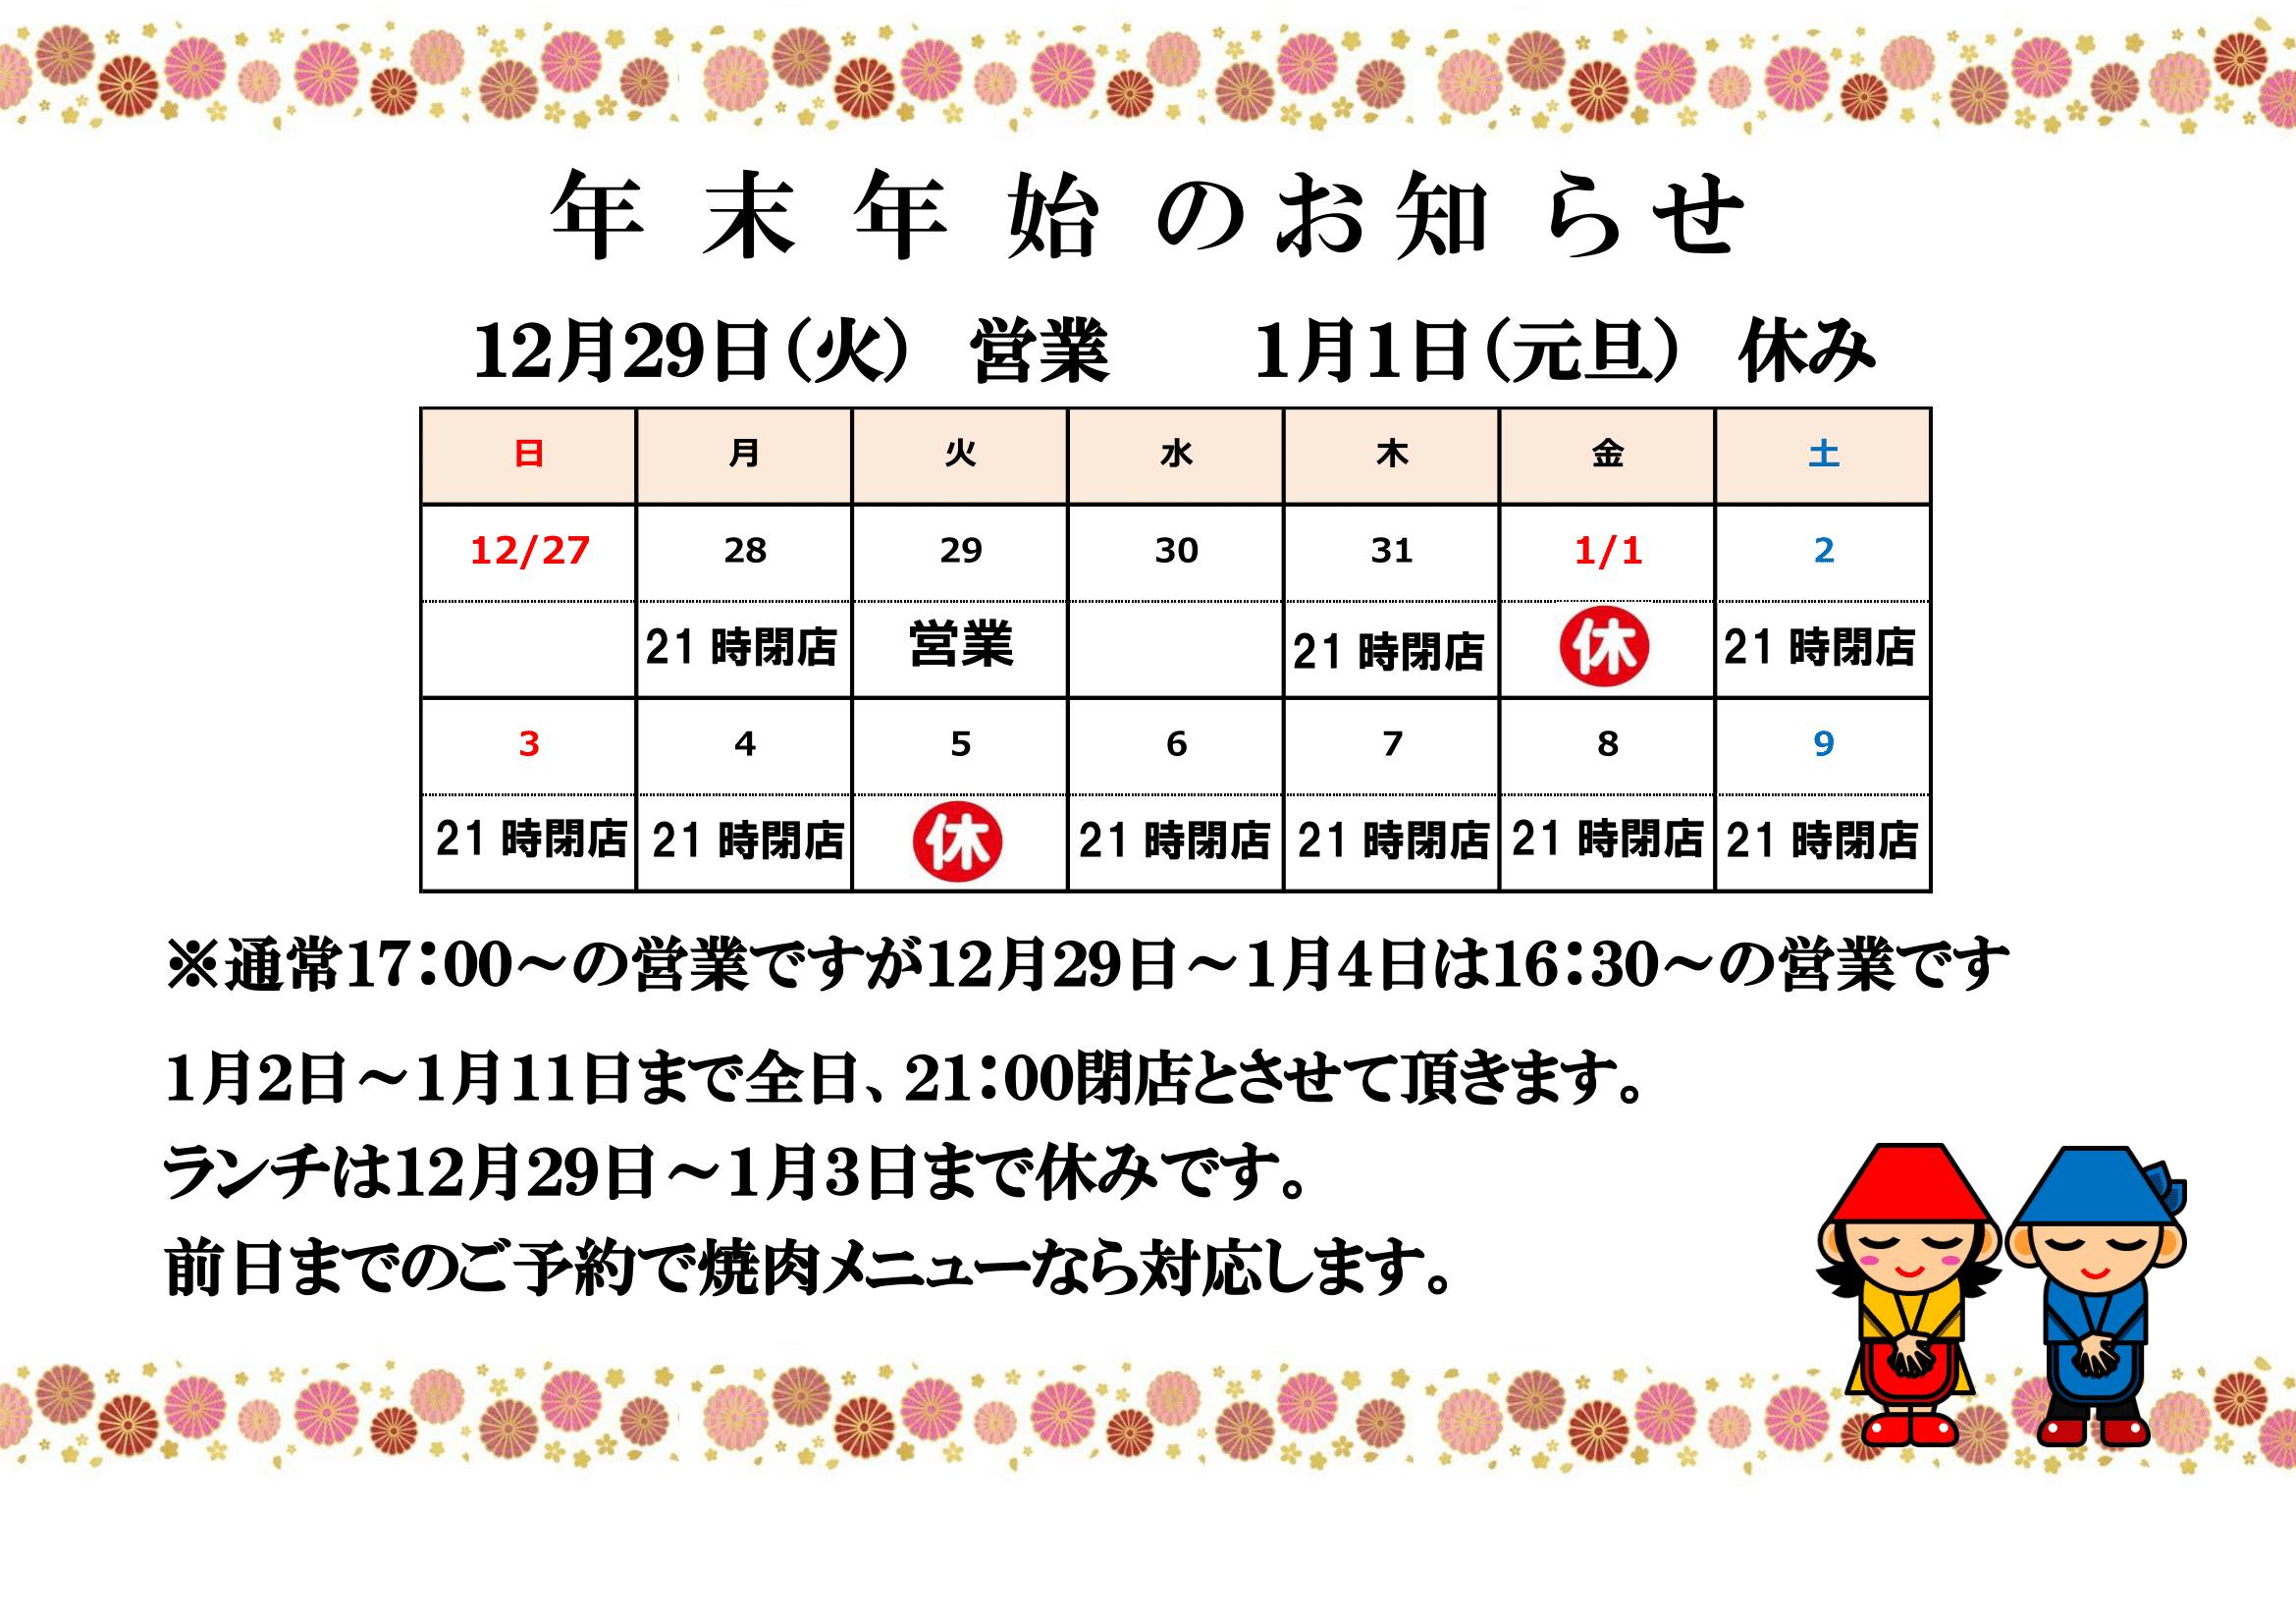 年末年始のお知らせ21時閉店 最終-1